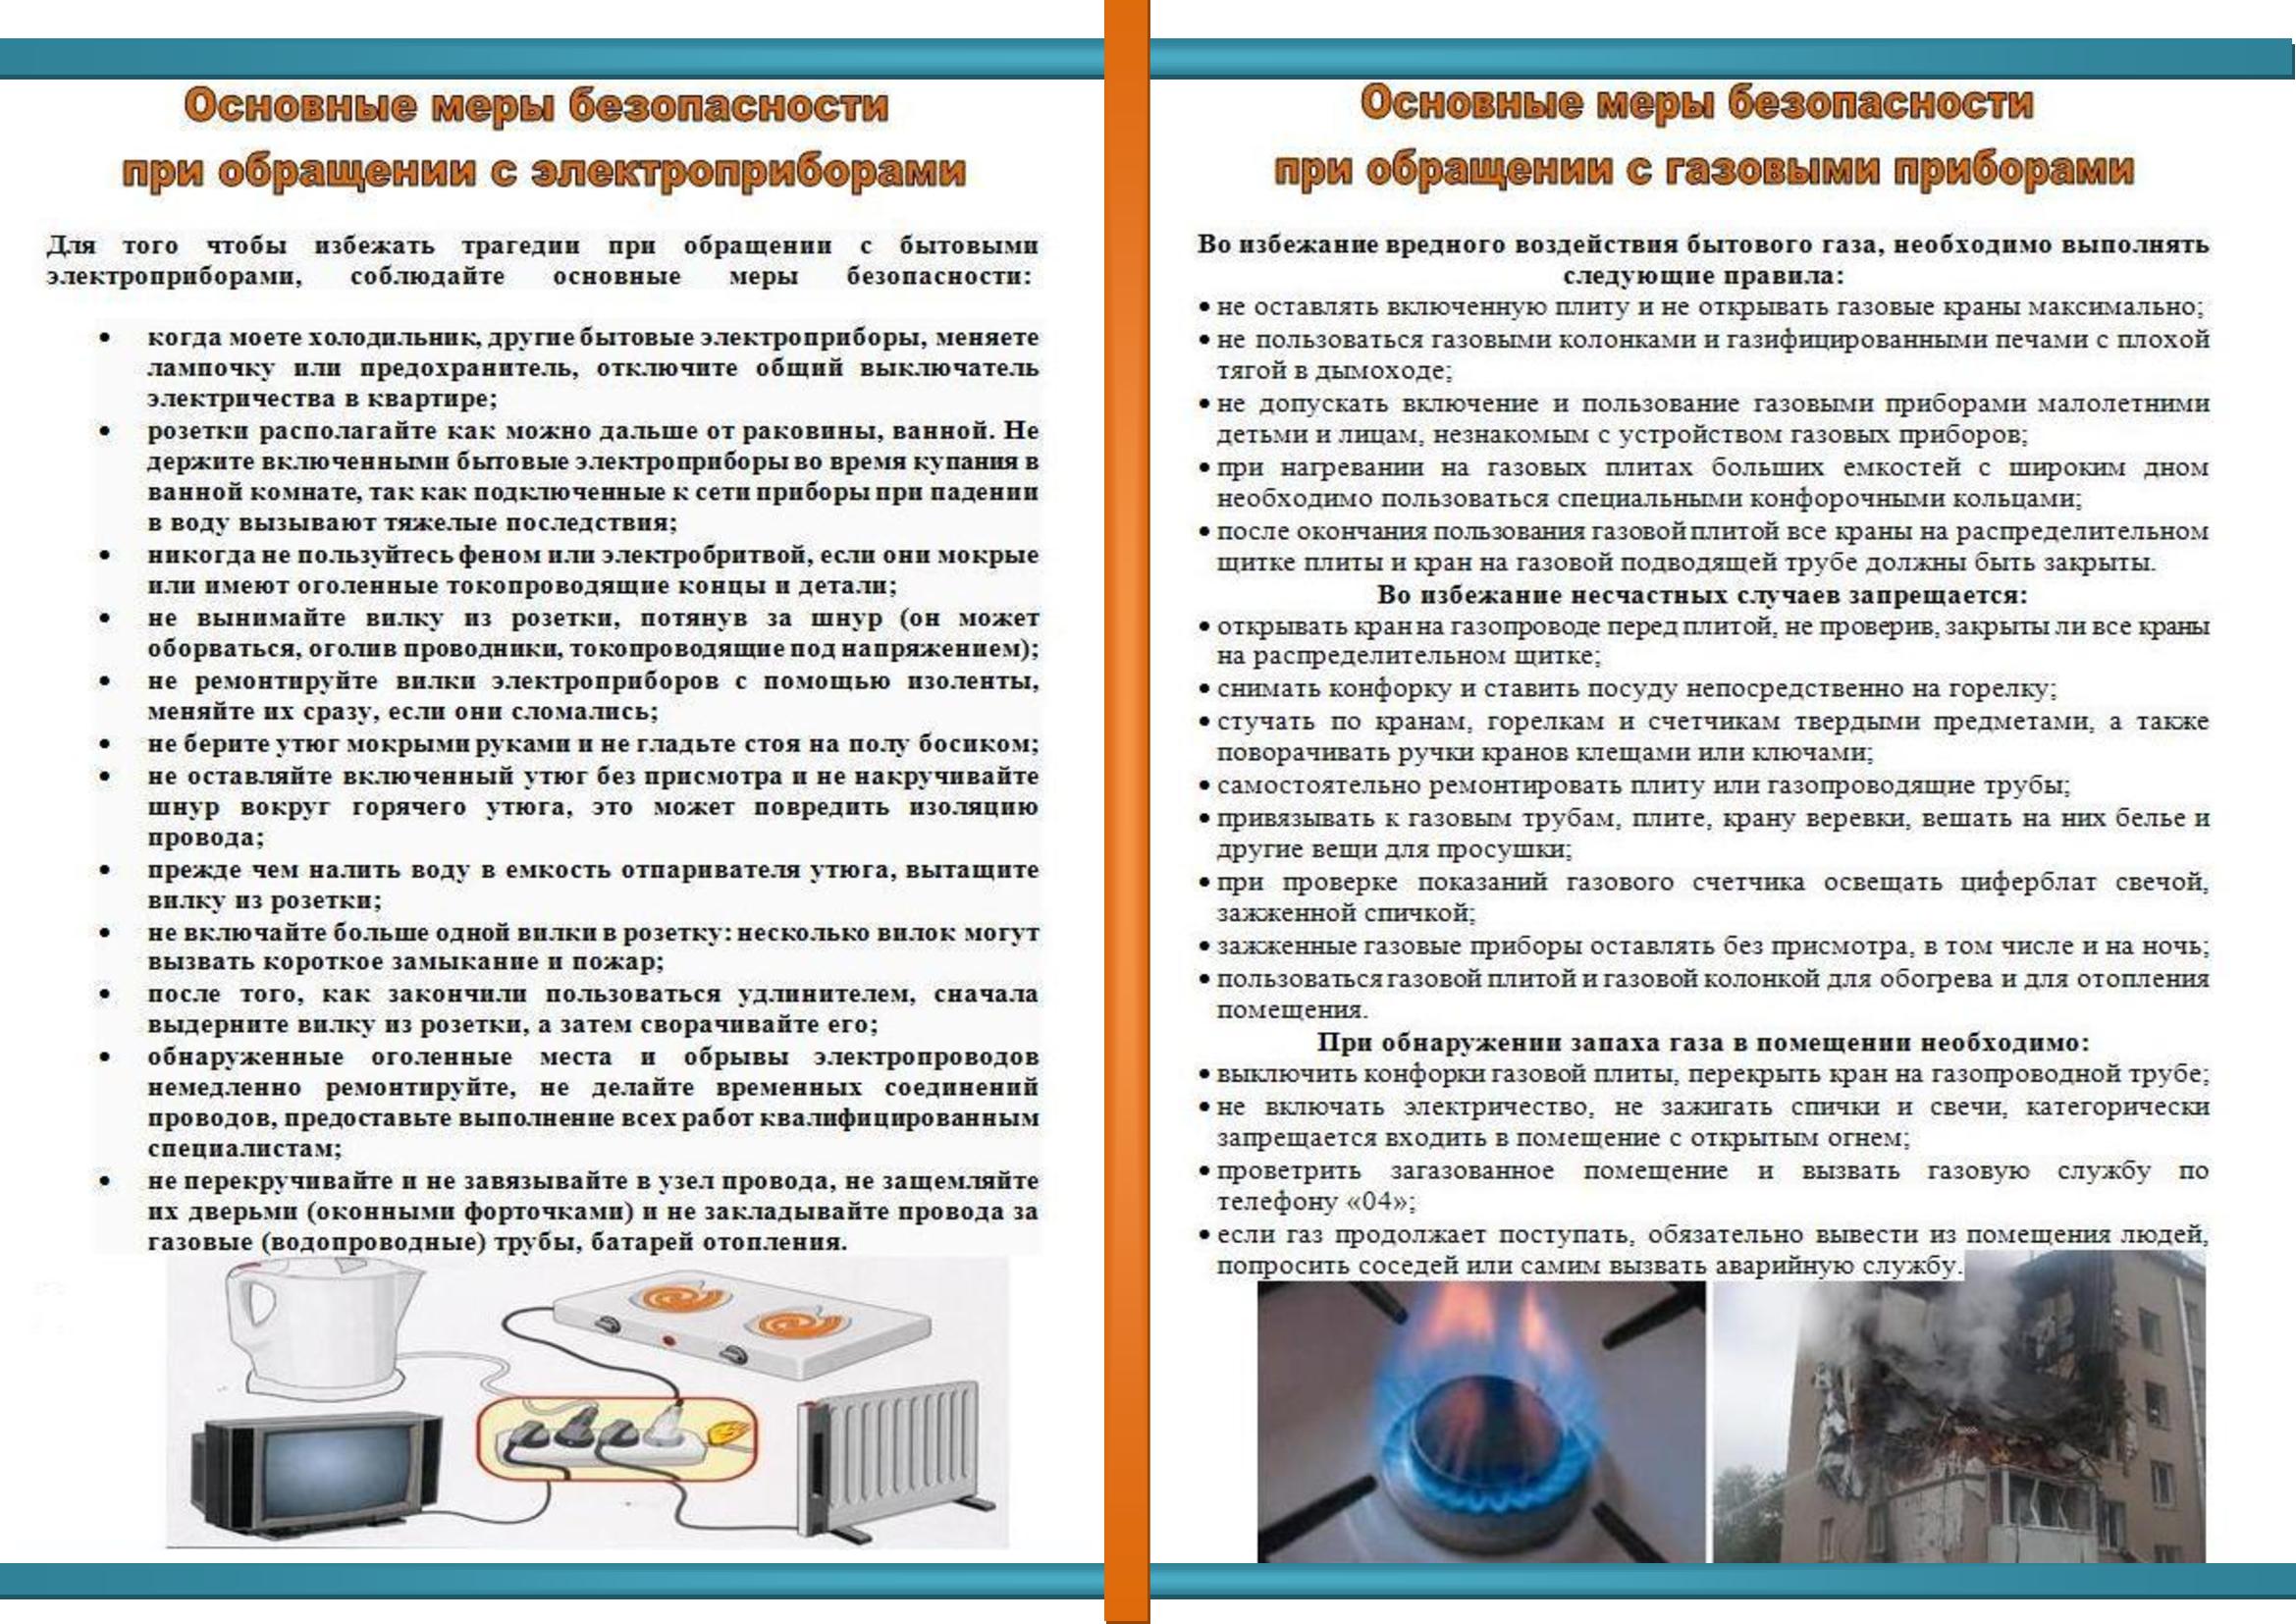 Как включить газовую колонку - основные правила пользования агрегатом